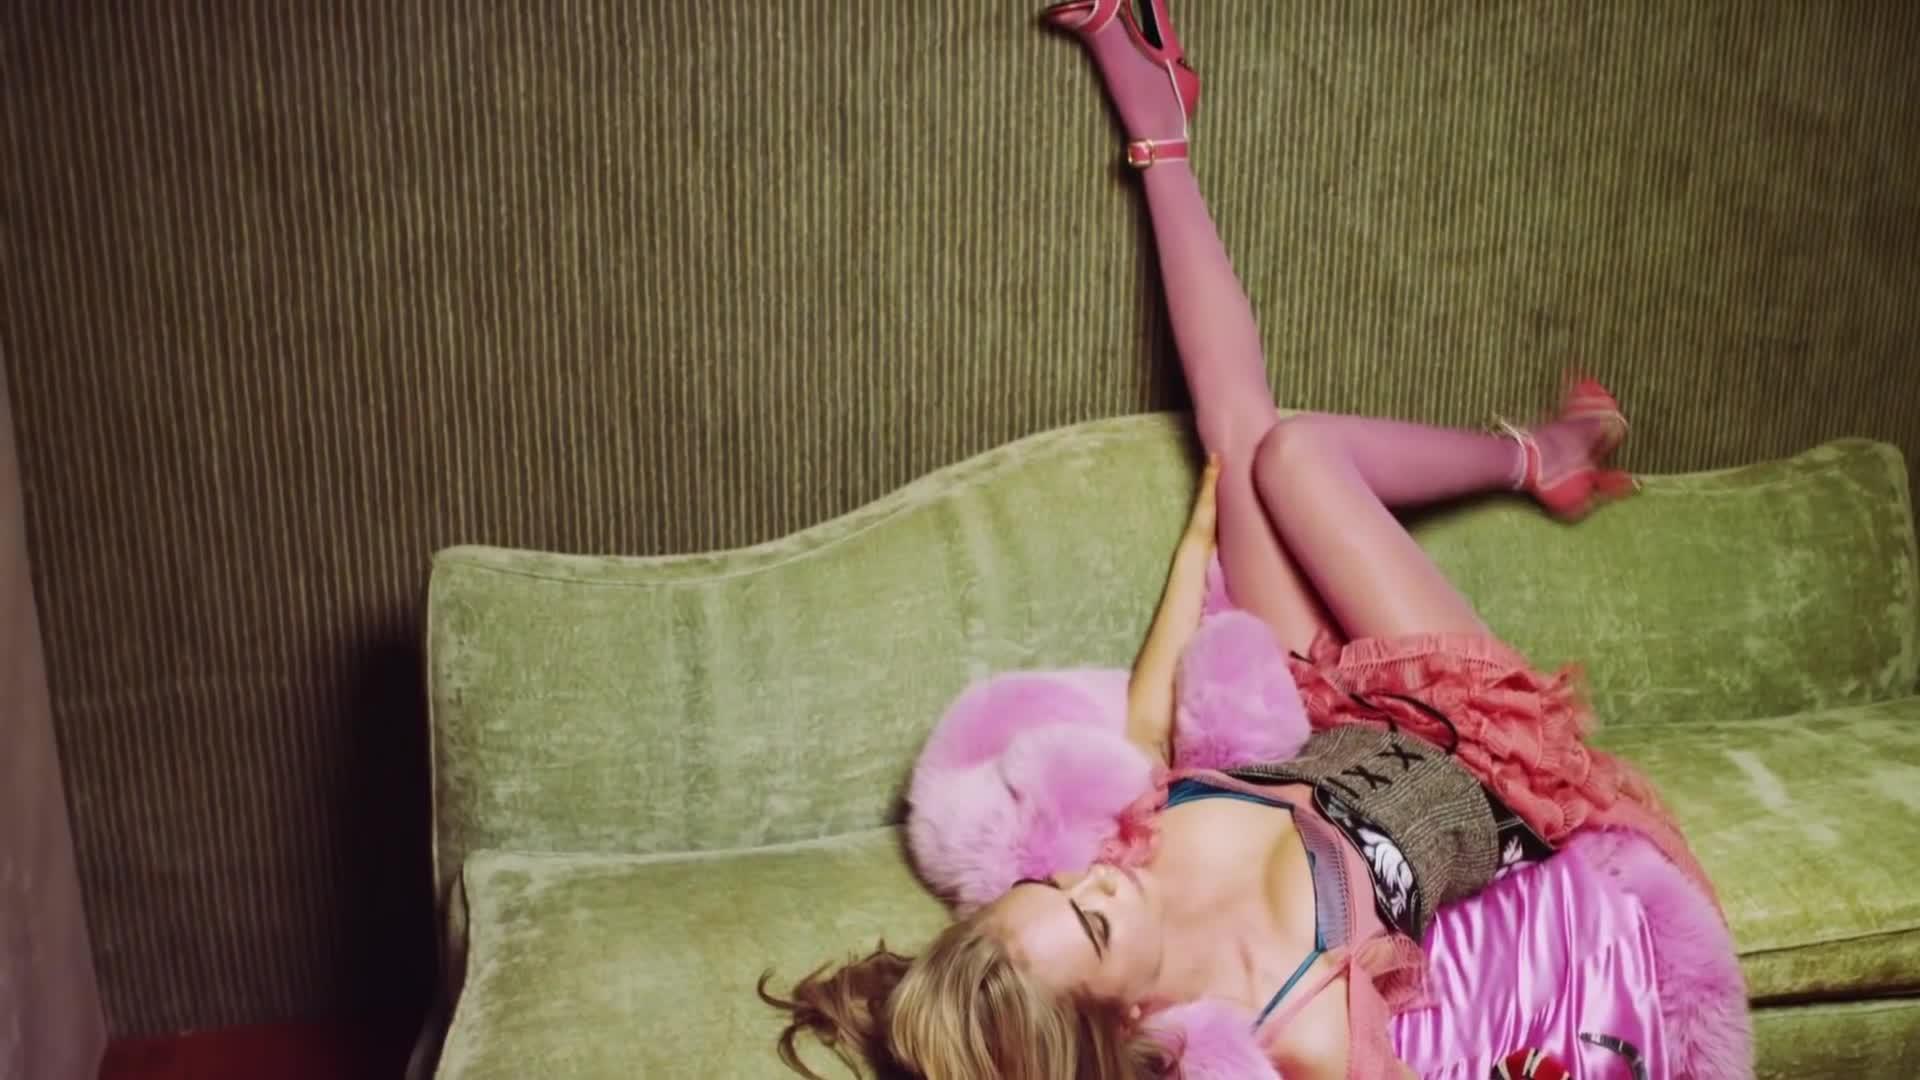 cara delevingne, celebs, jesstube, model, people & blogs, Cara Delevingne: The Cool 'It Girl' GIFs